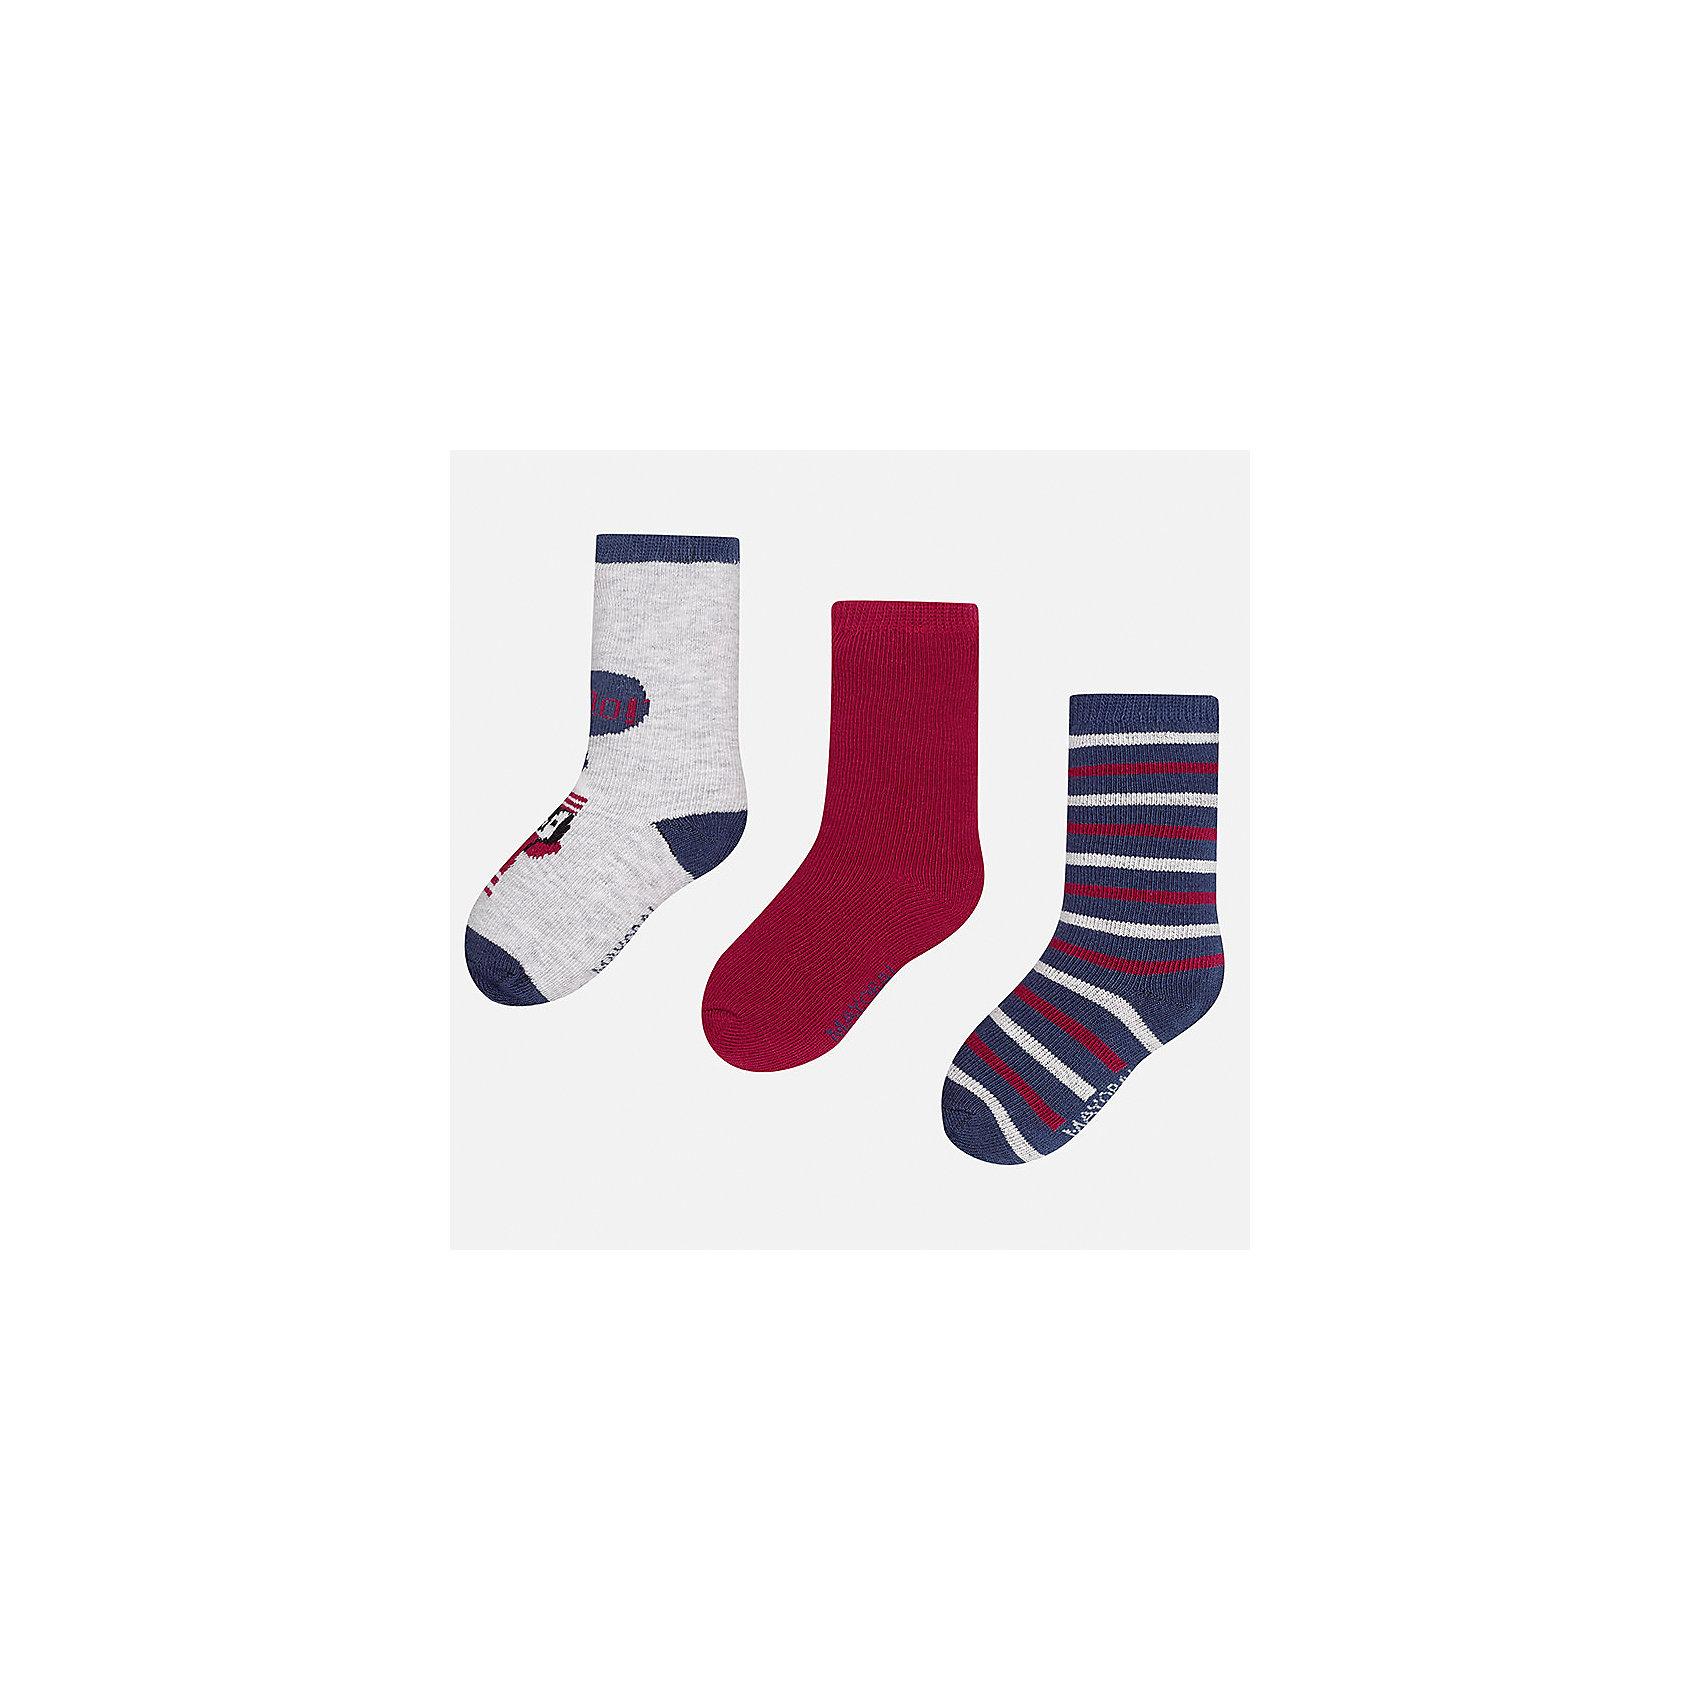 Носки (3 пары) для мальчика MayoralНоски<br>Характеристики товара:<br><br>• цвет: серый/бордовый/разноцветный<br>• состав ткани: 70% хлопок, 27% полиамид, 3% эластан<br>• сезон: круглый год<br>• комплектация: 3 пары<br>• страна бренда: Испания<br>• страна изготовитель: Индия<br><br>Дышащие носки для мальчика от популярного бренда Mayoral отличаются сдержанным декором. Детские носки смотрятся аккуратно и нарядно. В таких носках для детей от испанской компании Майорал ребенок будет выглядеть модно, а чувствовать себя - комфортно. <br><br>Носки (3 пары) для мальчика Mayoral (Майорал) можно купить в нашем интернет-магазине.<br><br>Ширина мм: 87<br>Глубина мм: 10<br>Высота мм: 105<br>Вес г: 115<br>Цвет: разноцветный<br>Возраст от месяцев: 18<br>Возраст до месяцев: 24<br>Пол: Мужской<br>Возраст: Детский<br>Размер: 22-24,19-22<br>SKU: 6939055